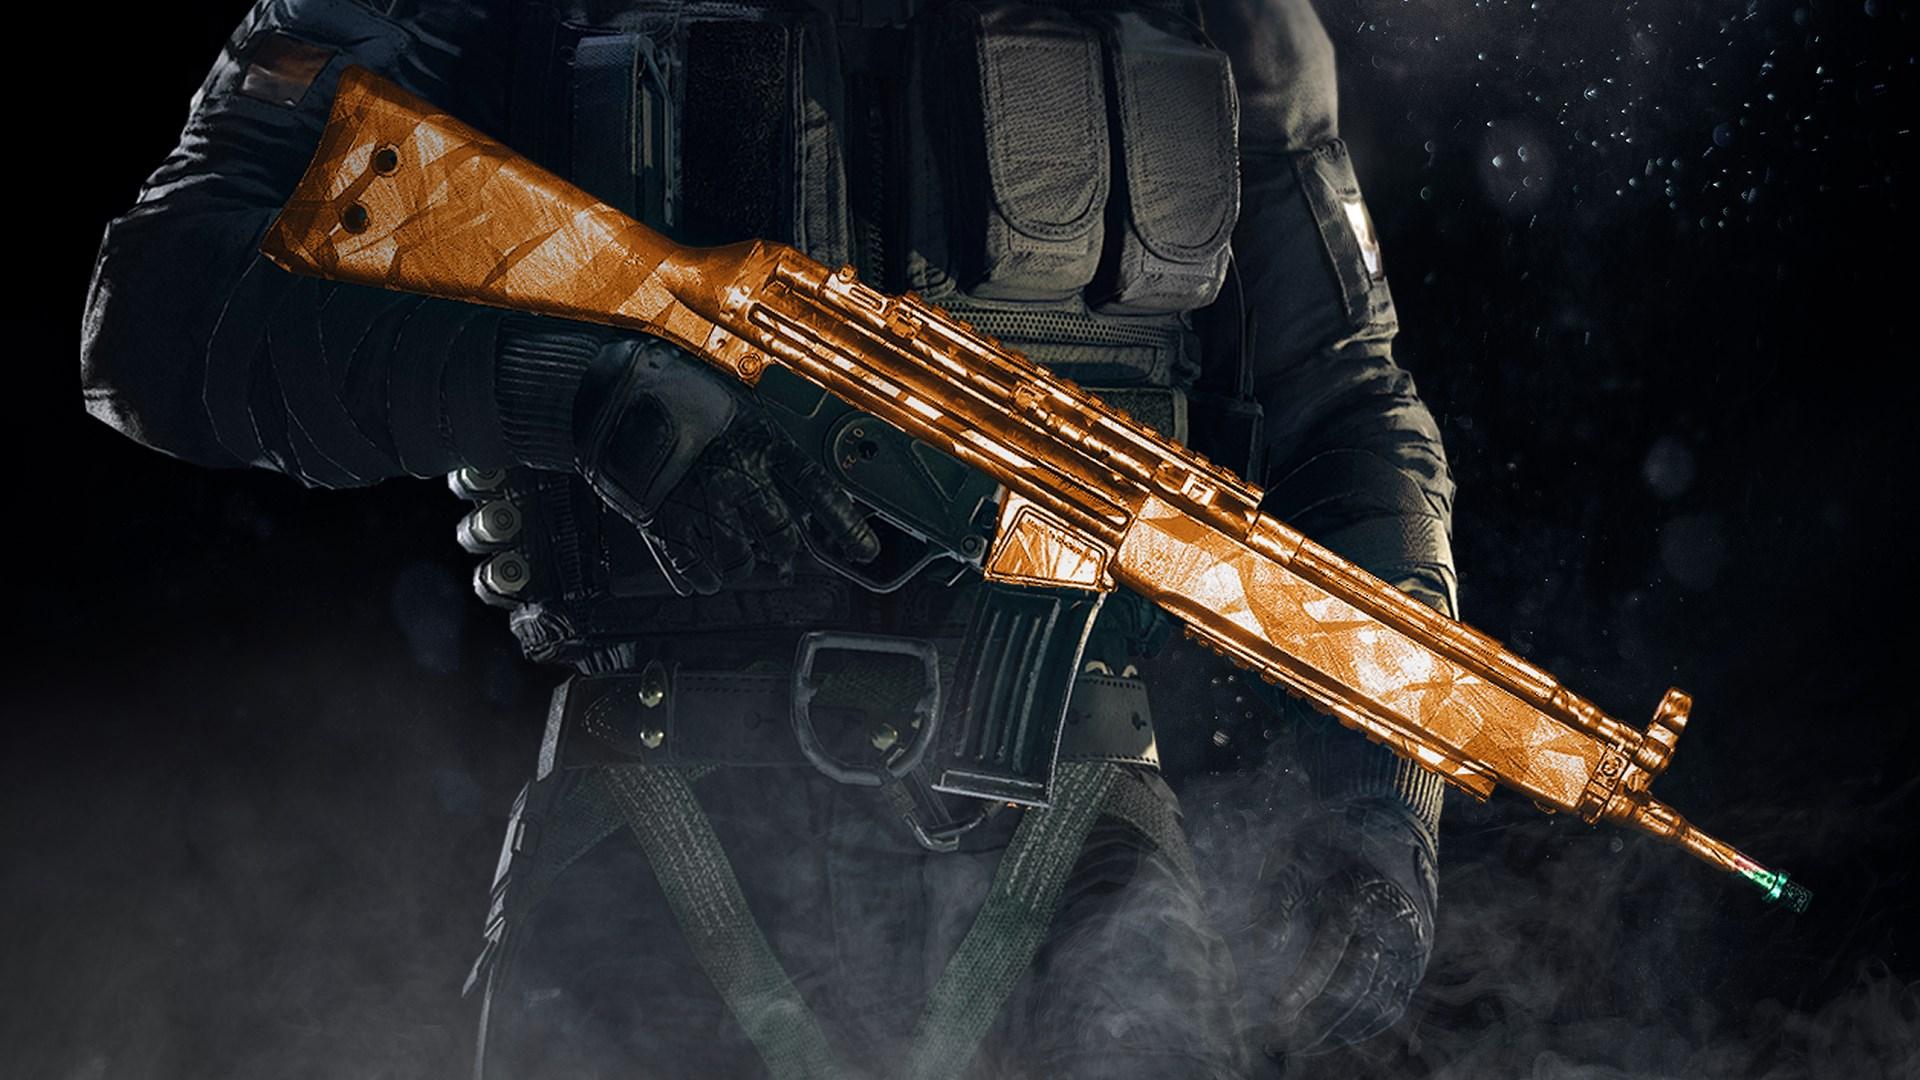 Tom Clancy's Rainbow Six Siege: Topaz weapon skin